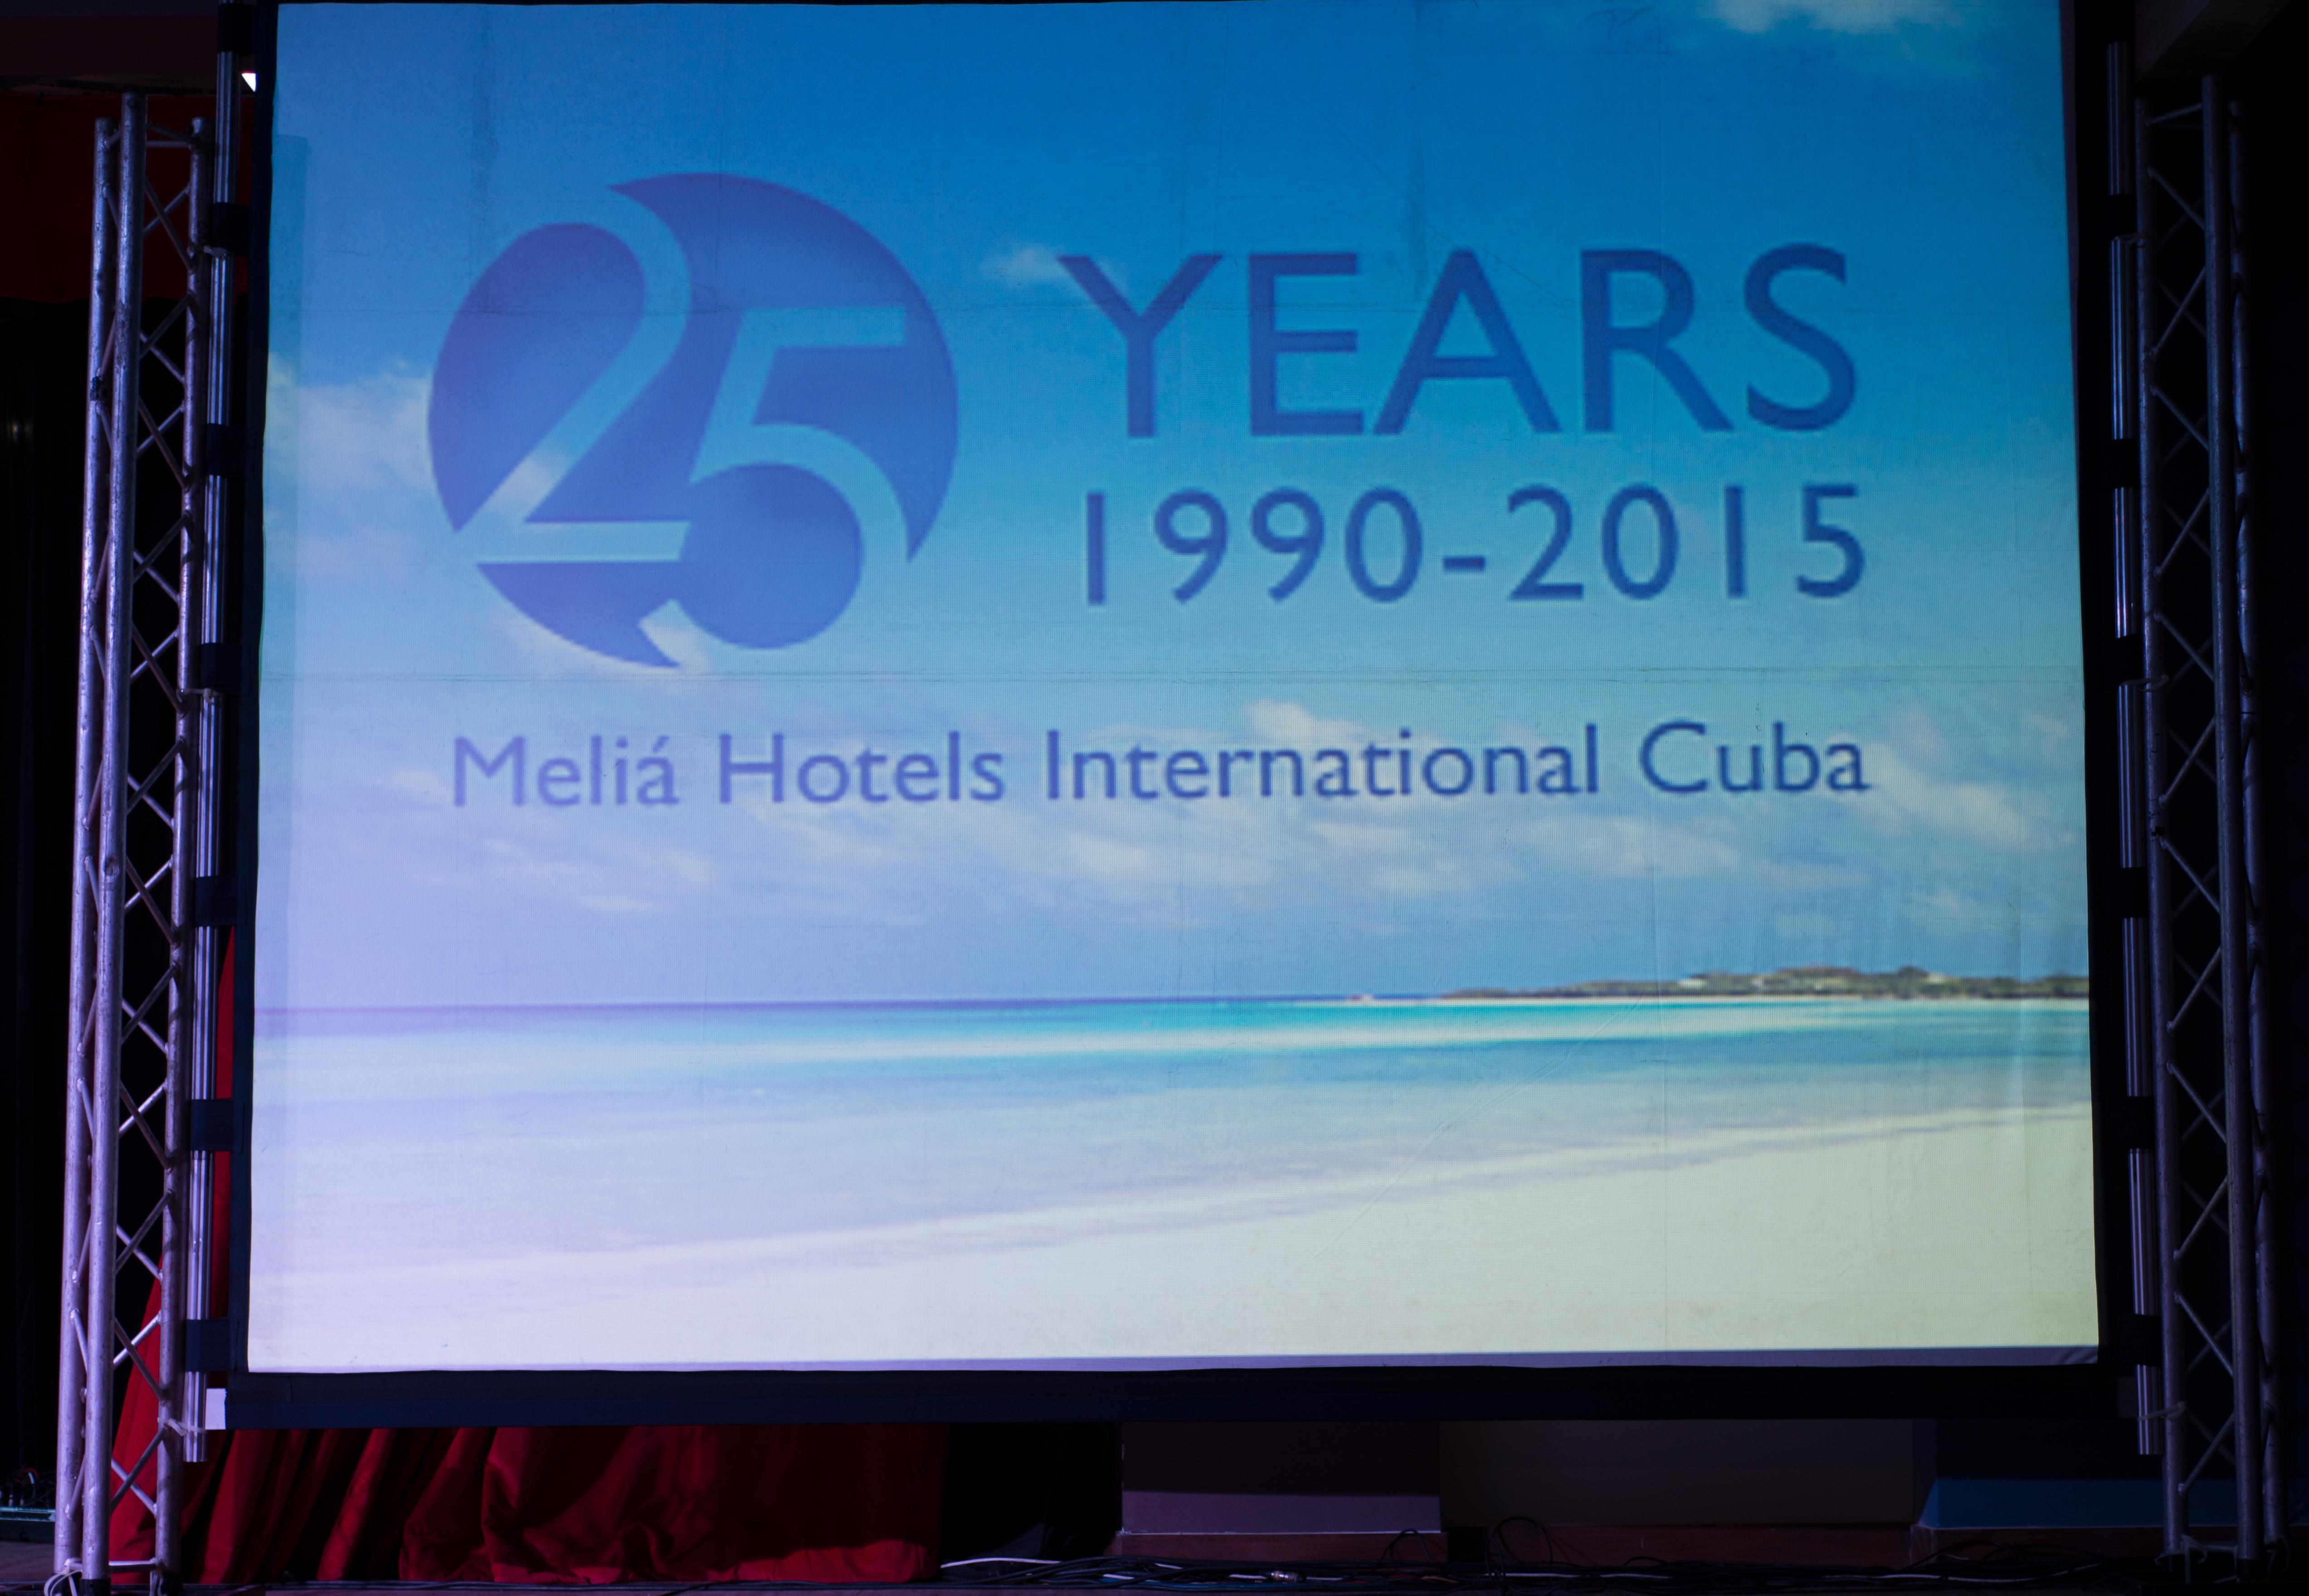 Meliá, déjà 25 ans de présence à Cuba